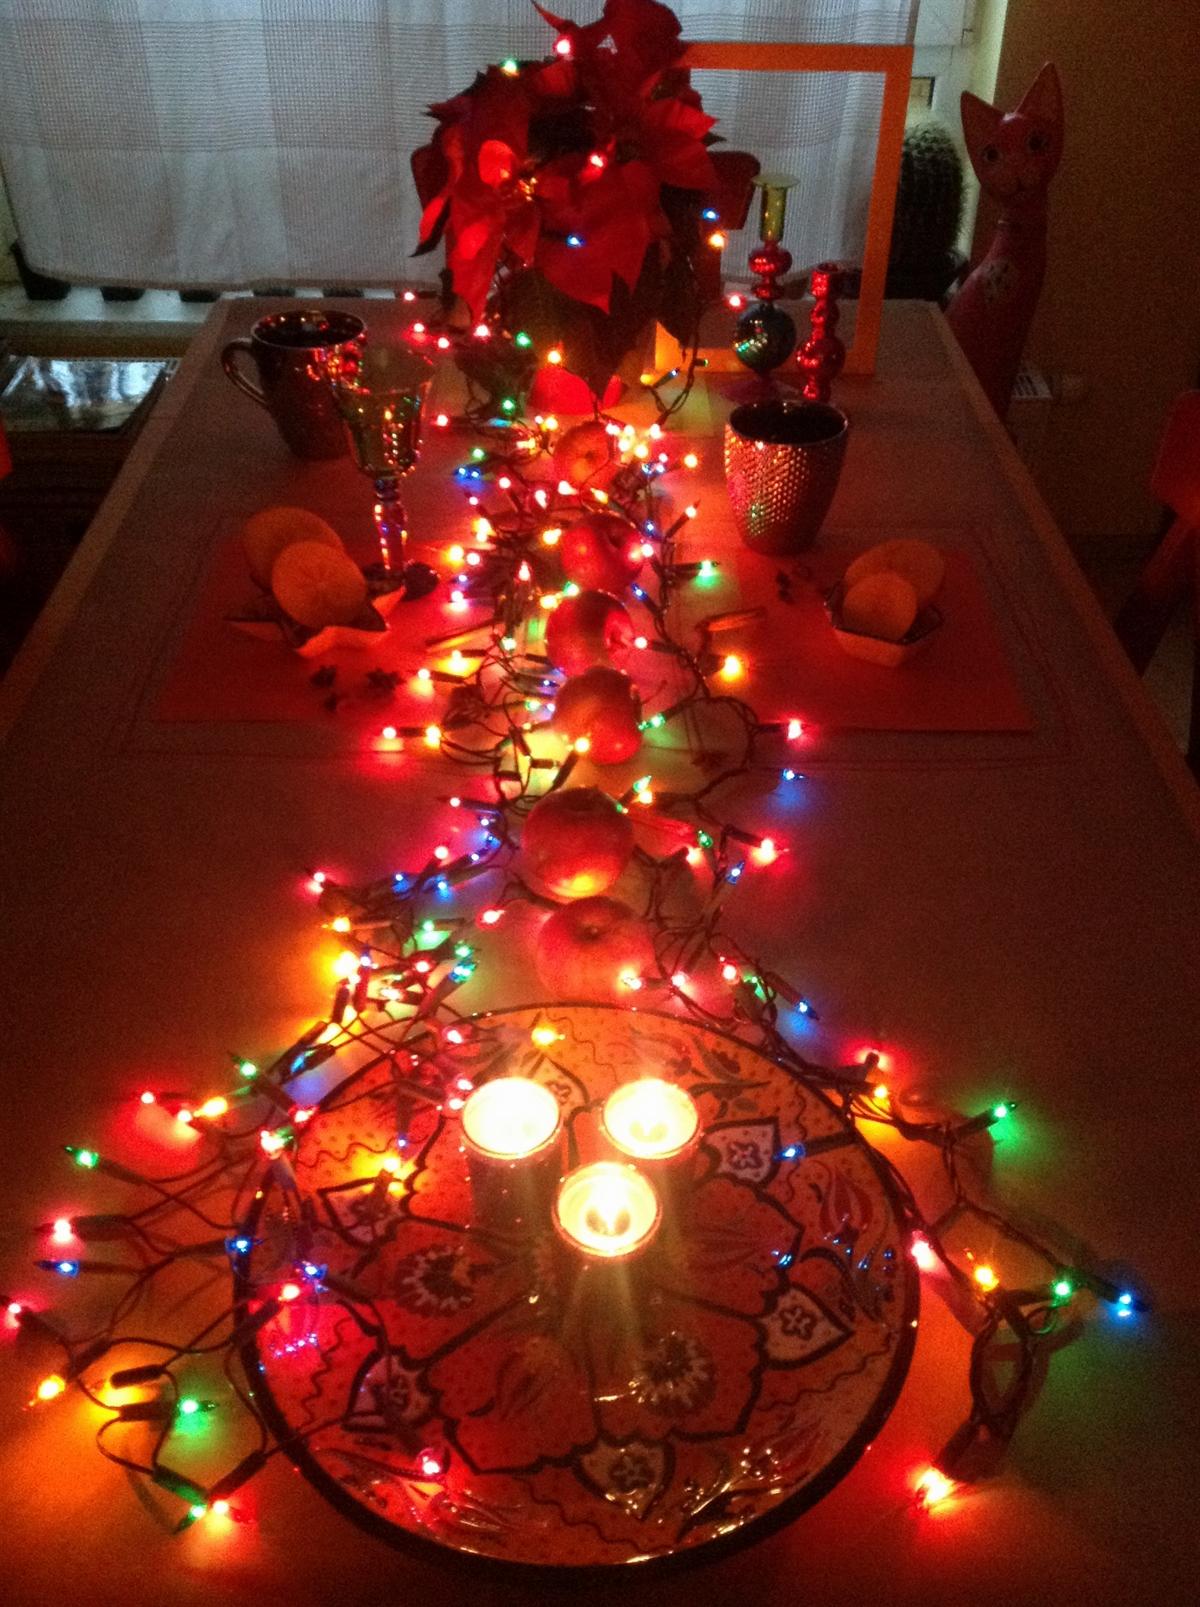 3 gwiazda_betlejemska_boze_narodzenie_wigilia_dekoracje_stol_na_swieta_pomysly_christmas_decorationg_ideas_home_decor_interio_design_holiday_table_setting_forelements_blog